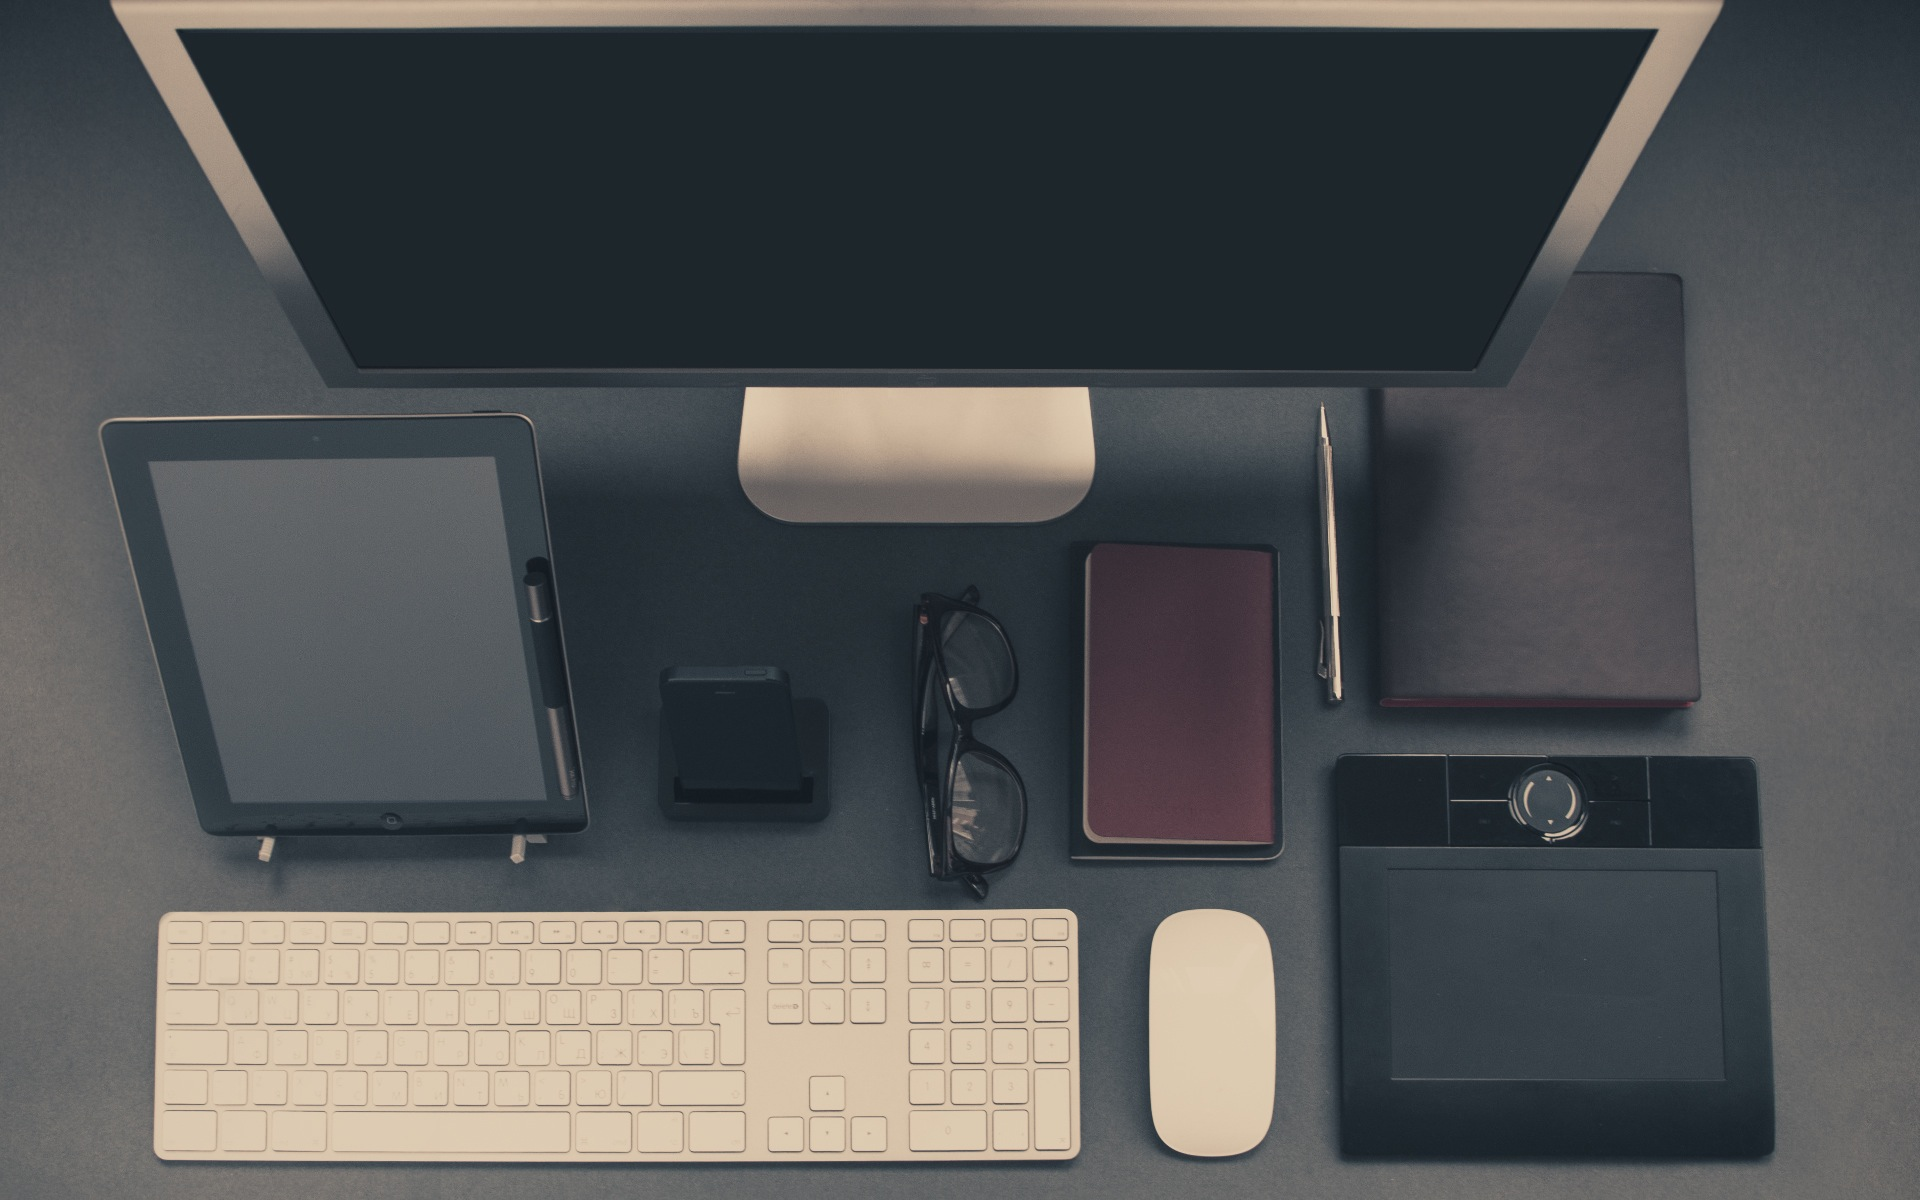 桌面, 办公室, 计算机, Mac, 平板电脑, iPad, iPhone, 键盘, 鼠标 - 高清壁纸 - 教授-falken.com